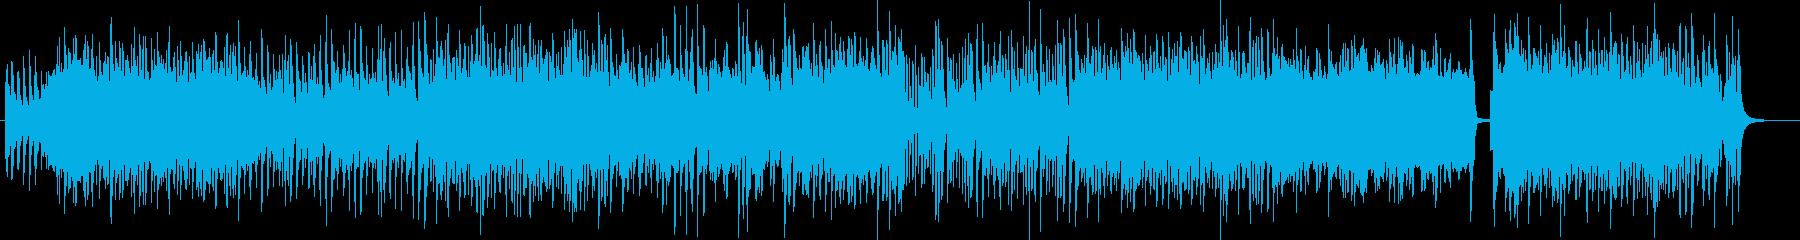 夏にマッチしたノリノリ曲の再生済みの波形